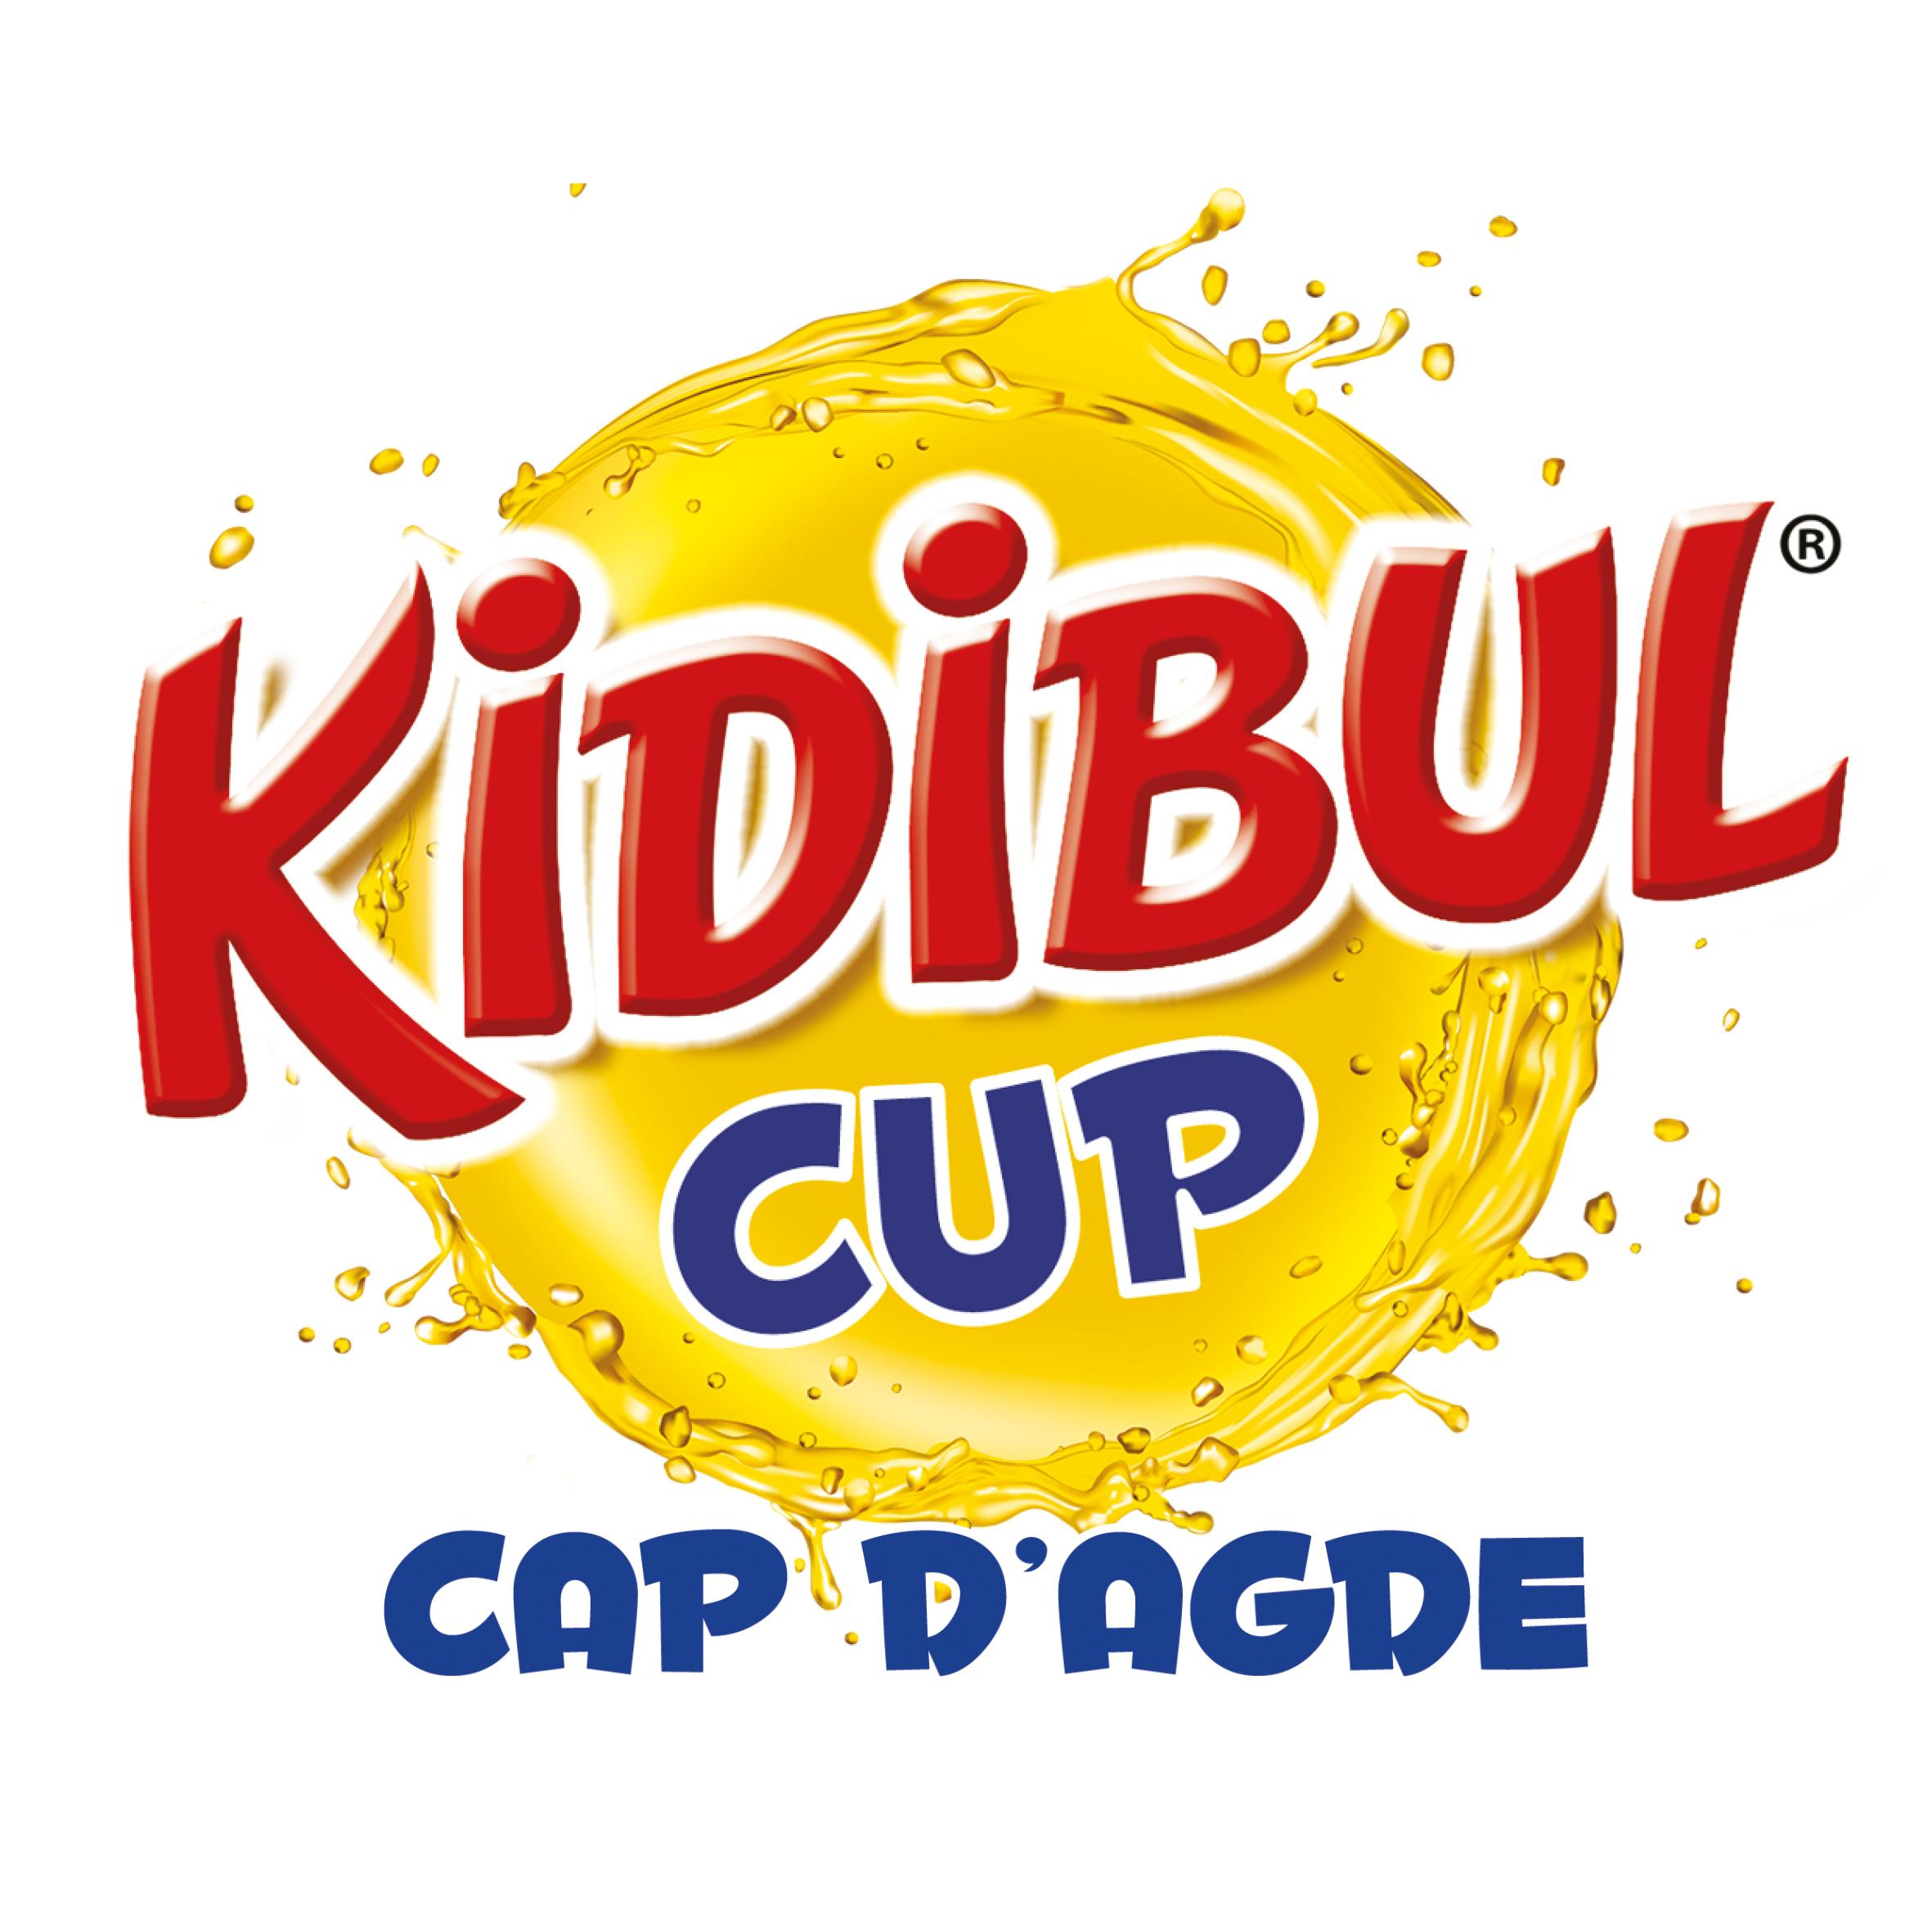 KIDIBUL CAP DAGDE LOGO.jpg